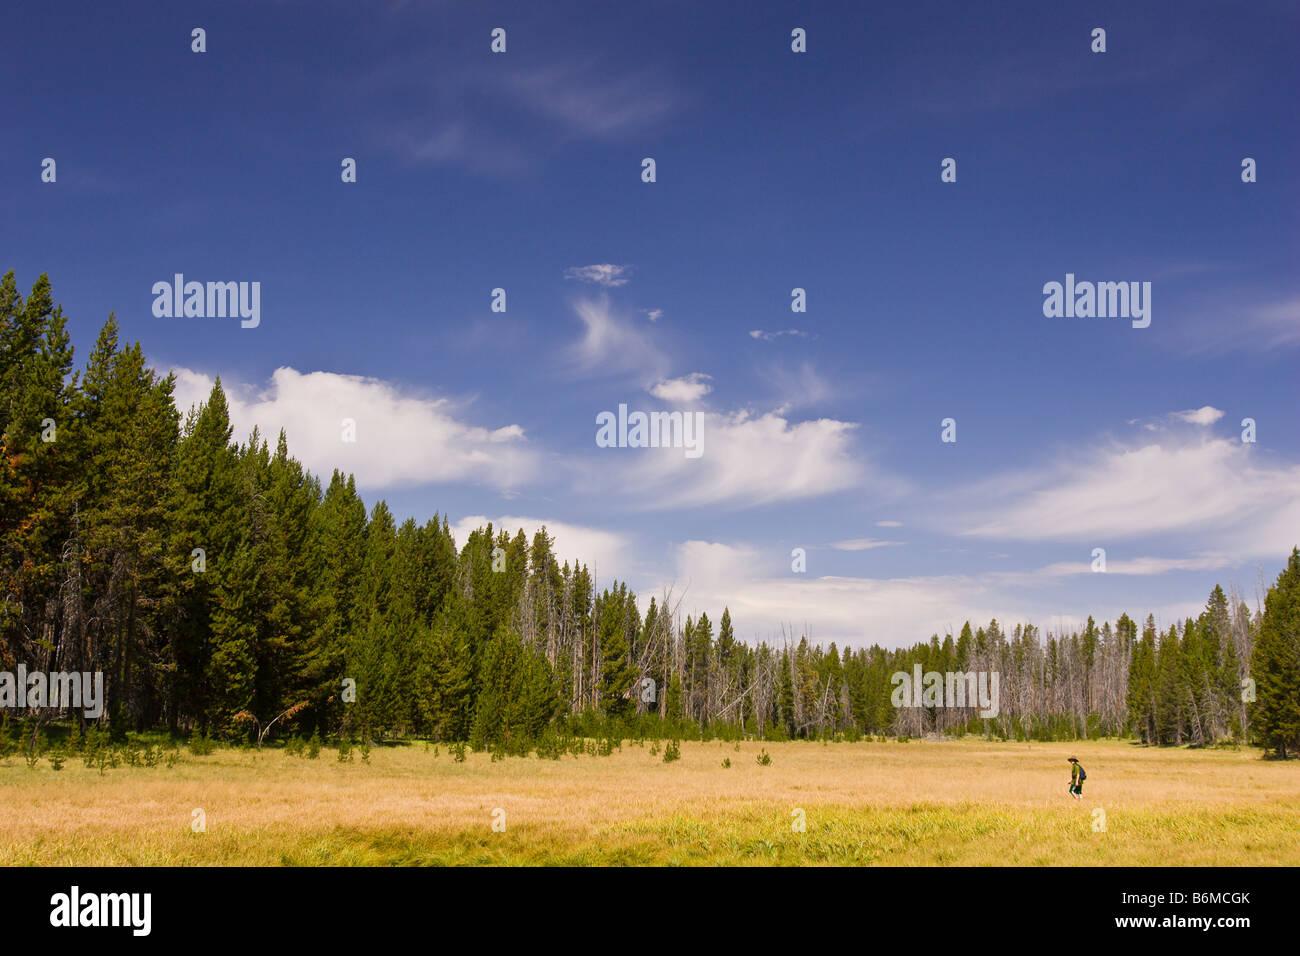 El Parque Nacional Yellowstone, Wyoming, EE.UU. - Boy caminatas a través de pradera Riddle zona lacustre. Señor Foto de stock